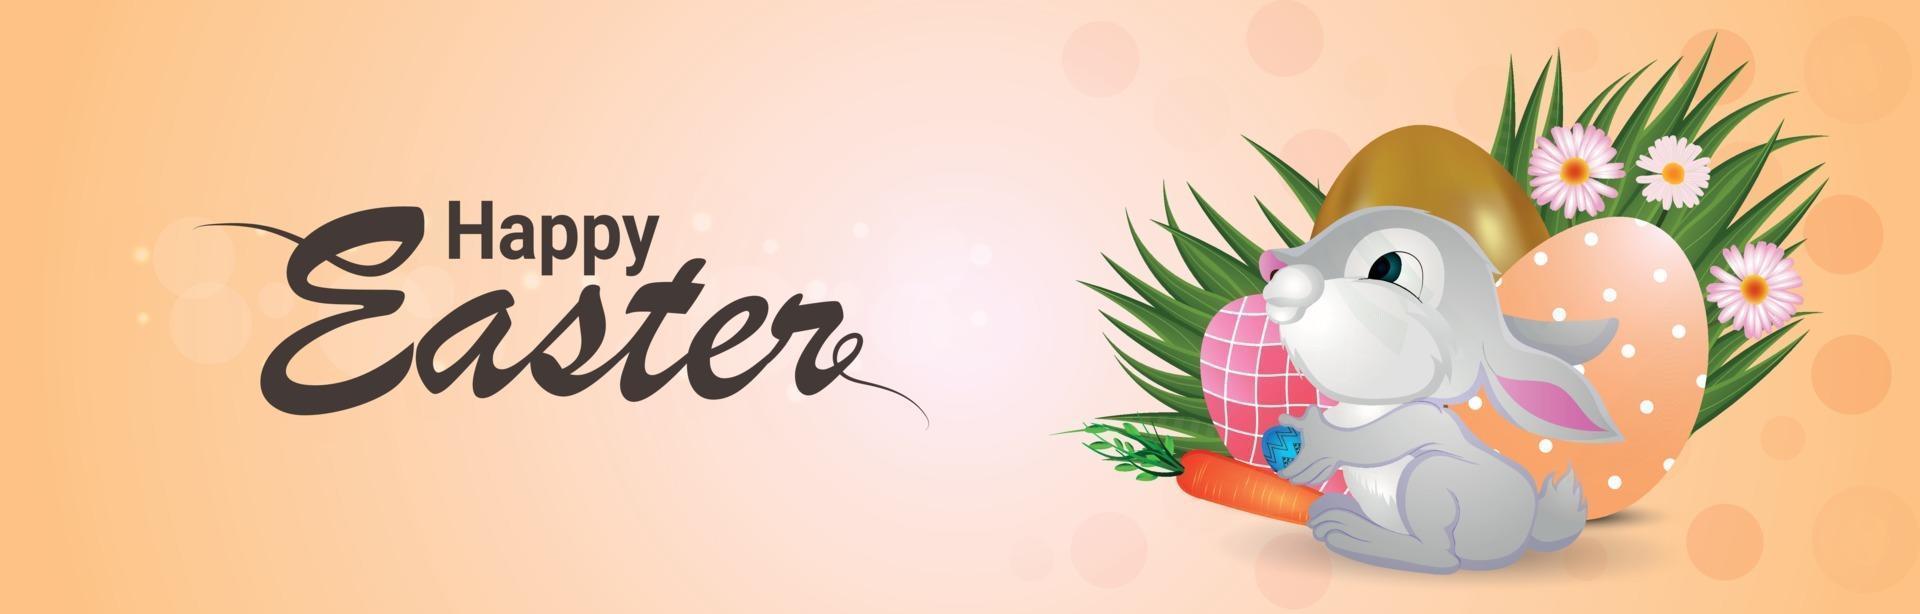 glad påsk banner eller rubrik vektor